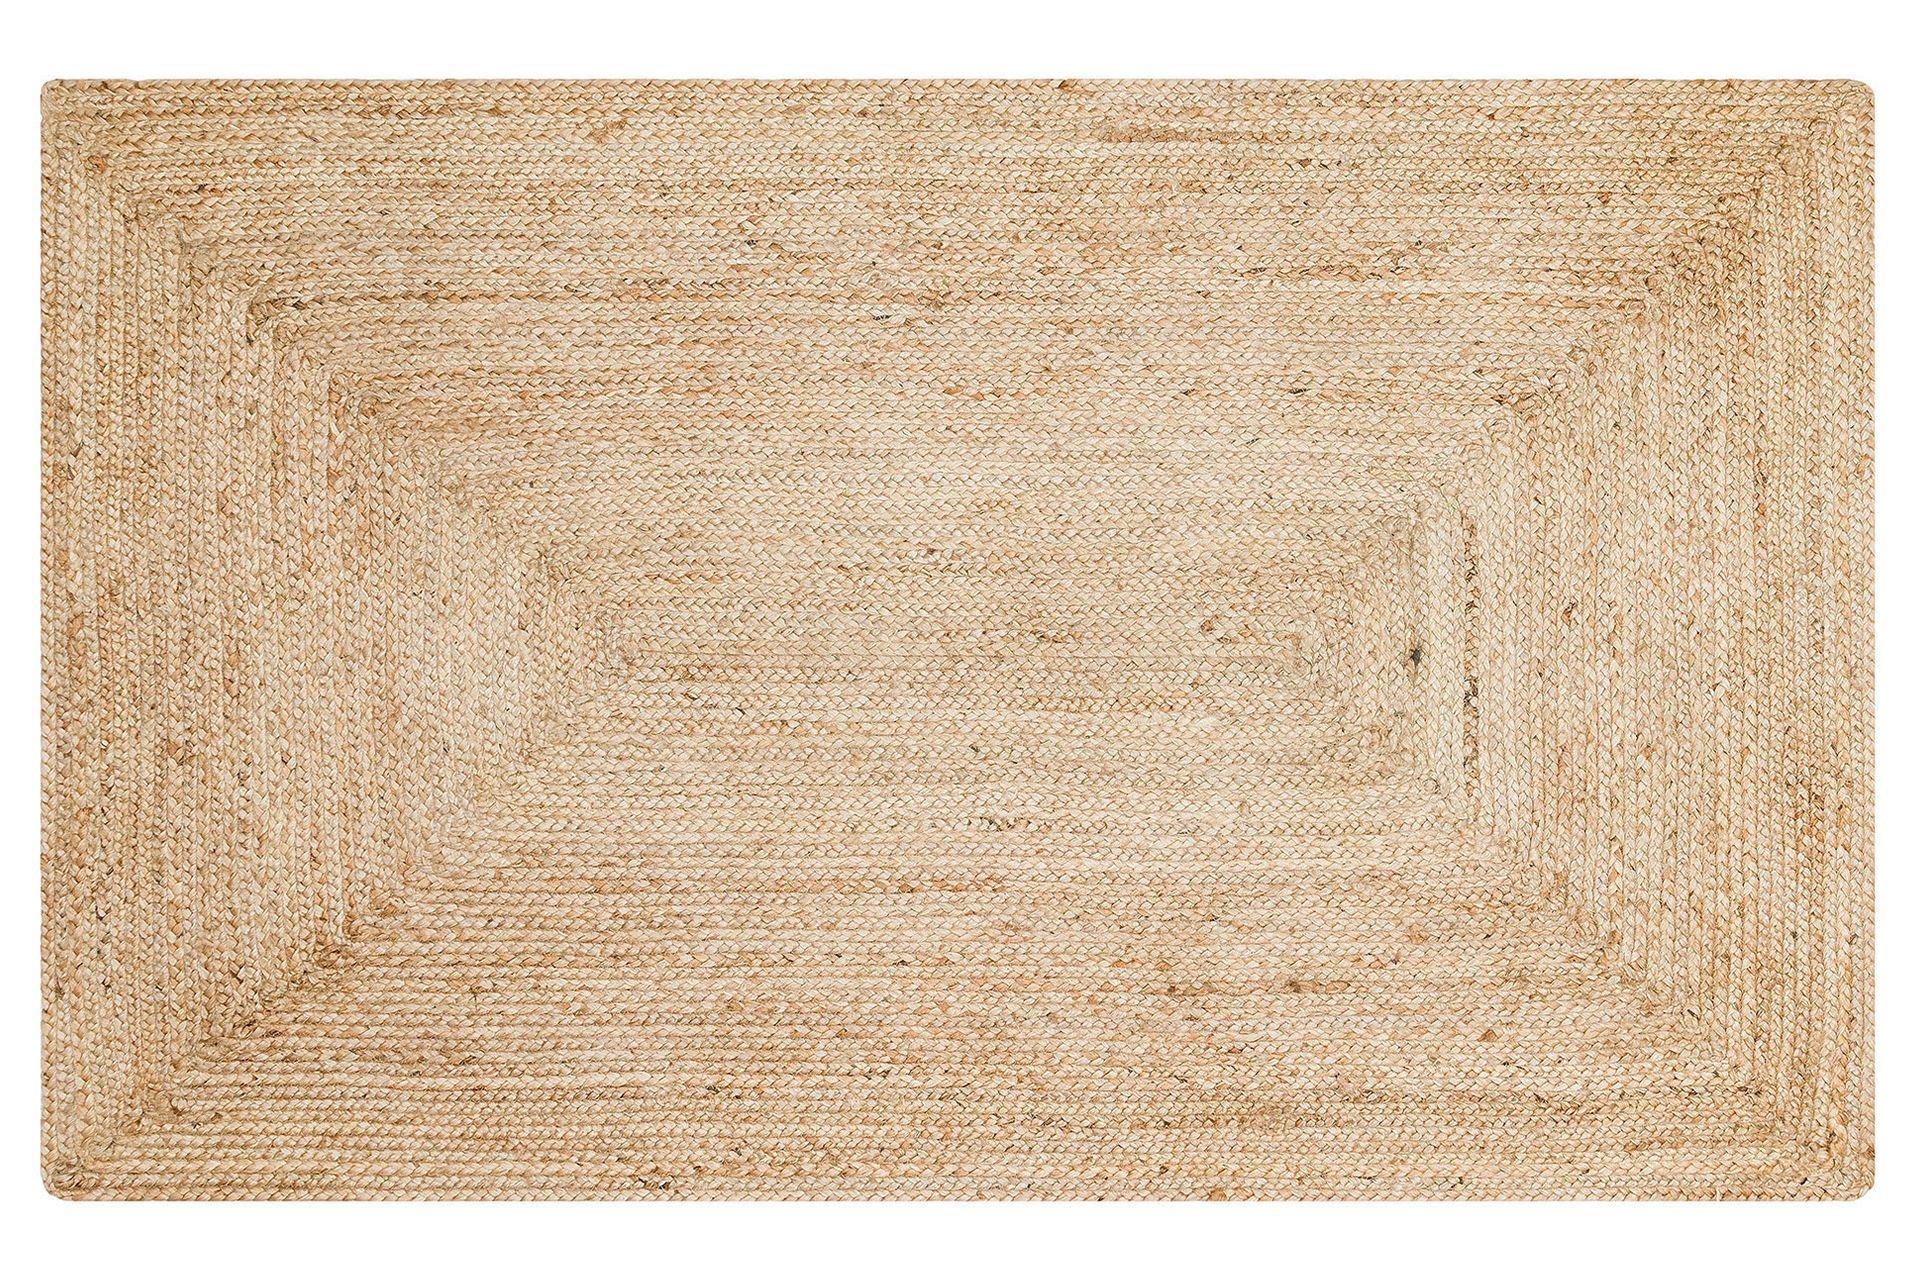 ECO EC 10 NATURAL NATRUREL RUSTİK JÜT HALI  120x180